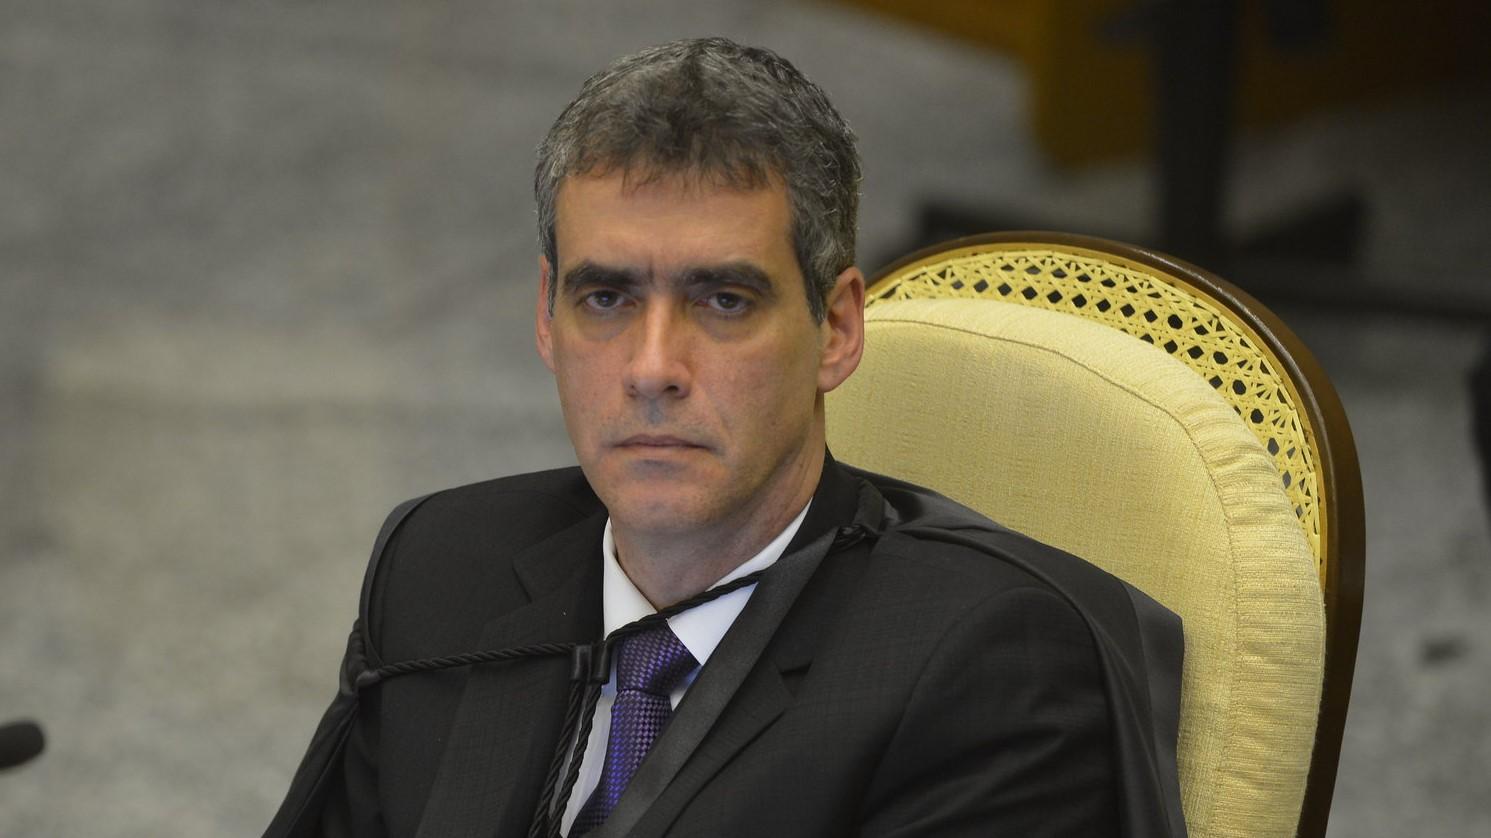 IMAGEM: Relator no STJ vota por quebra genérica de sigilos no caso Marielle